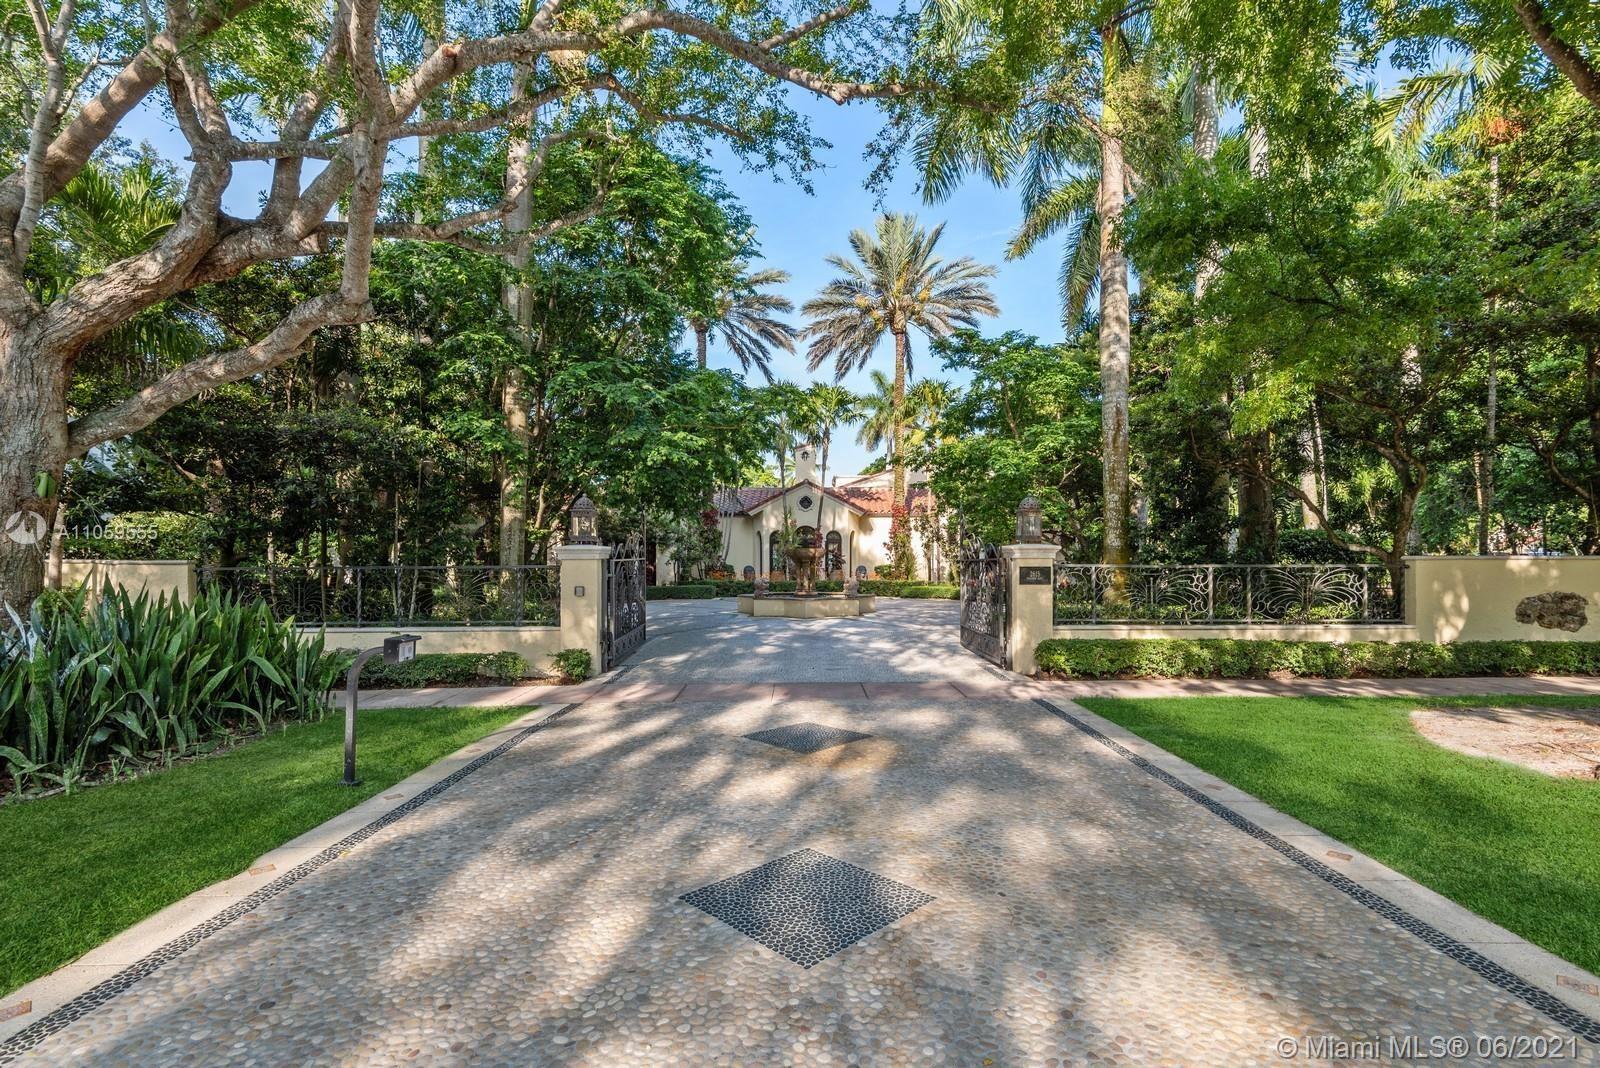 2615 Granada Blvd, Coral Gables, FL 33134 - #: A11059555